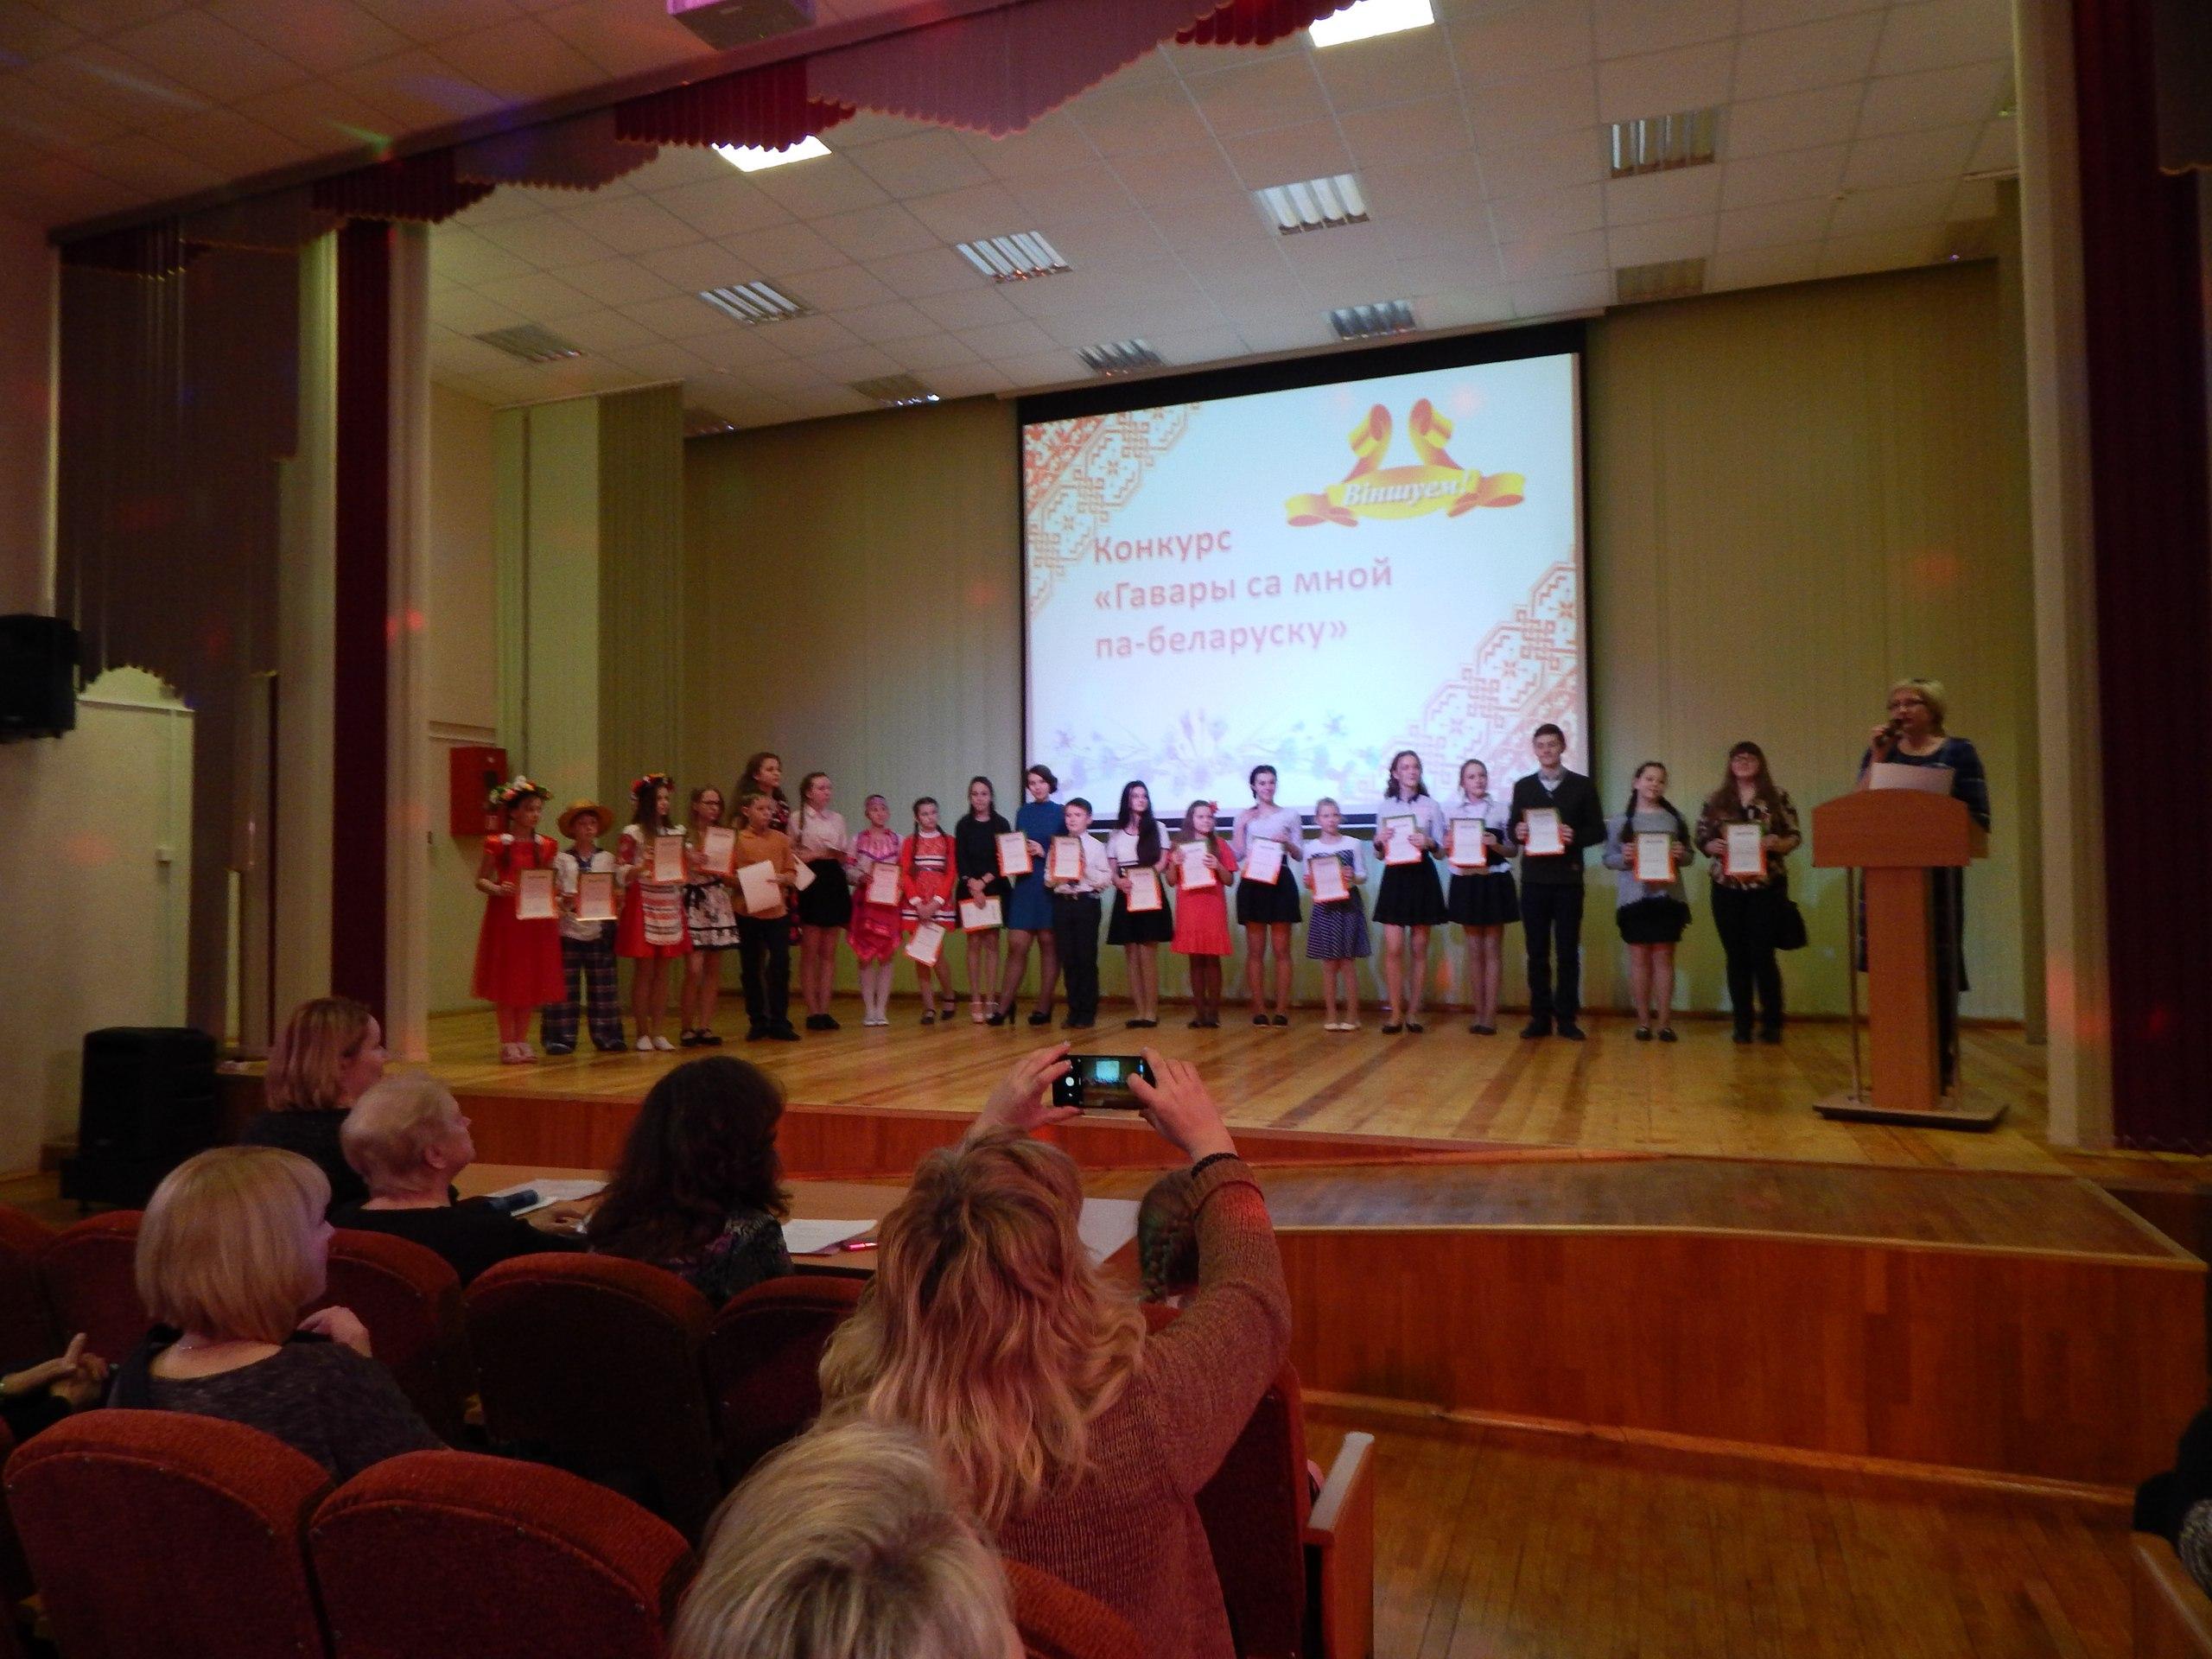 Прыгожае свята беларускага слова і музыкі (34 ФОТА)